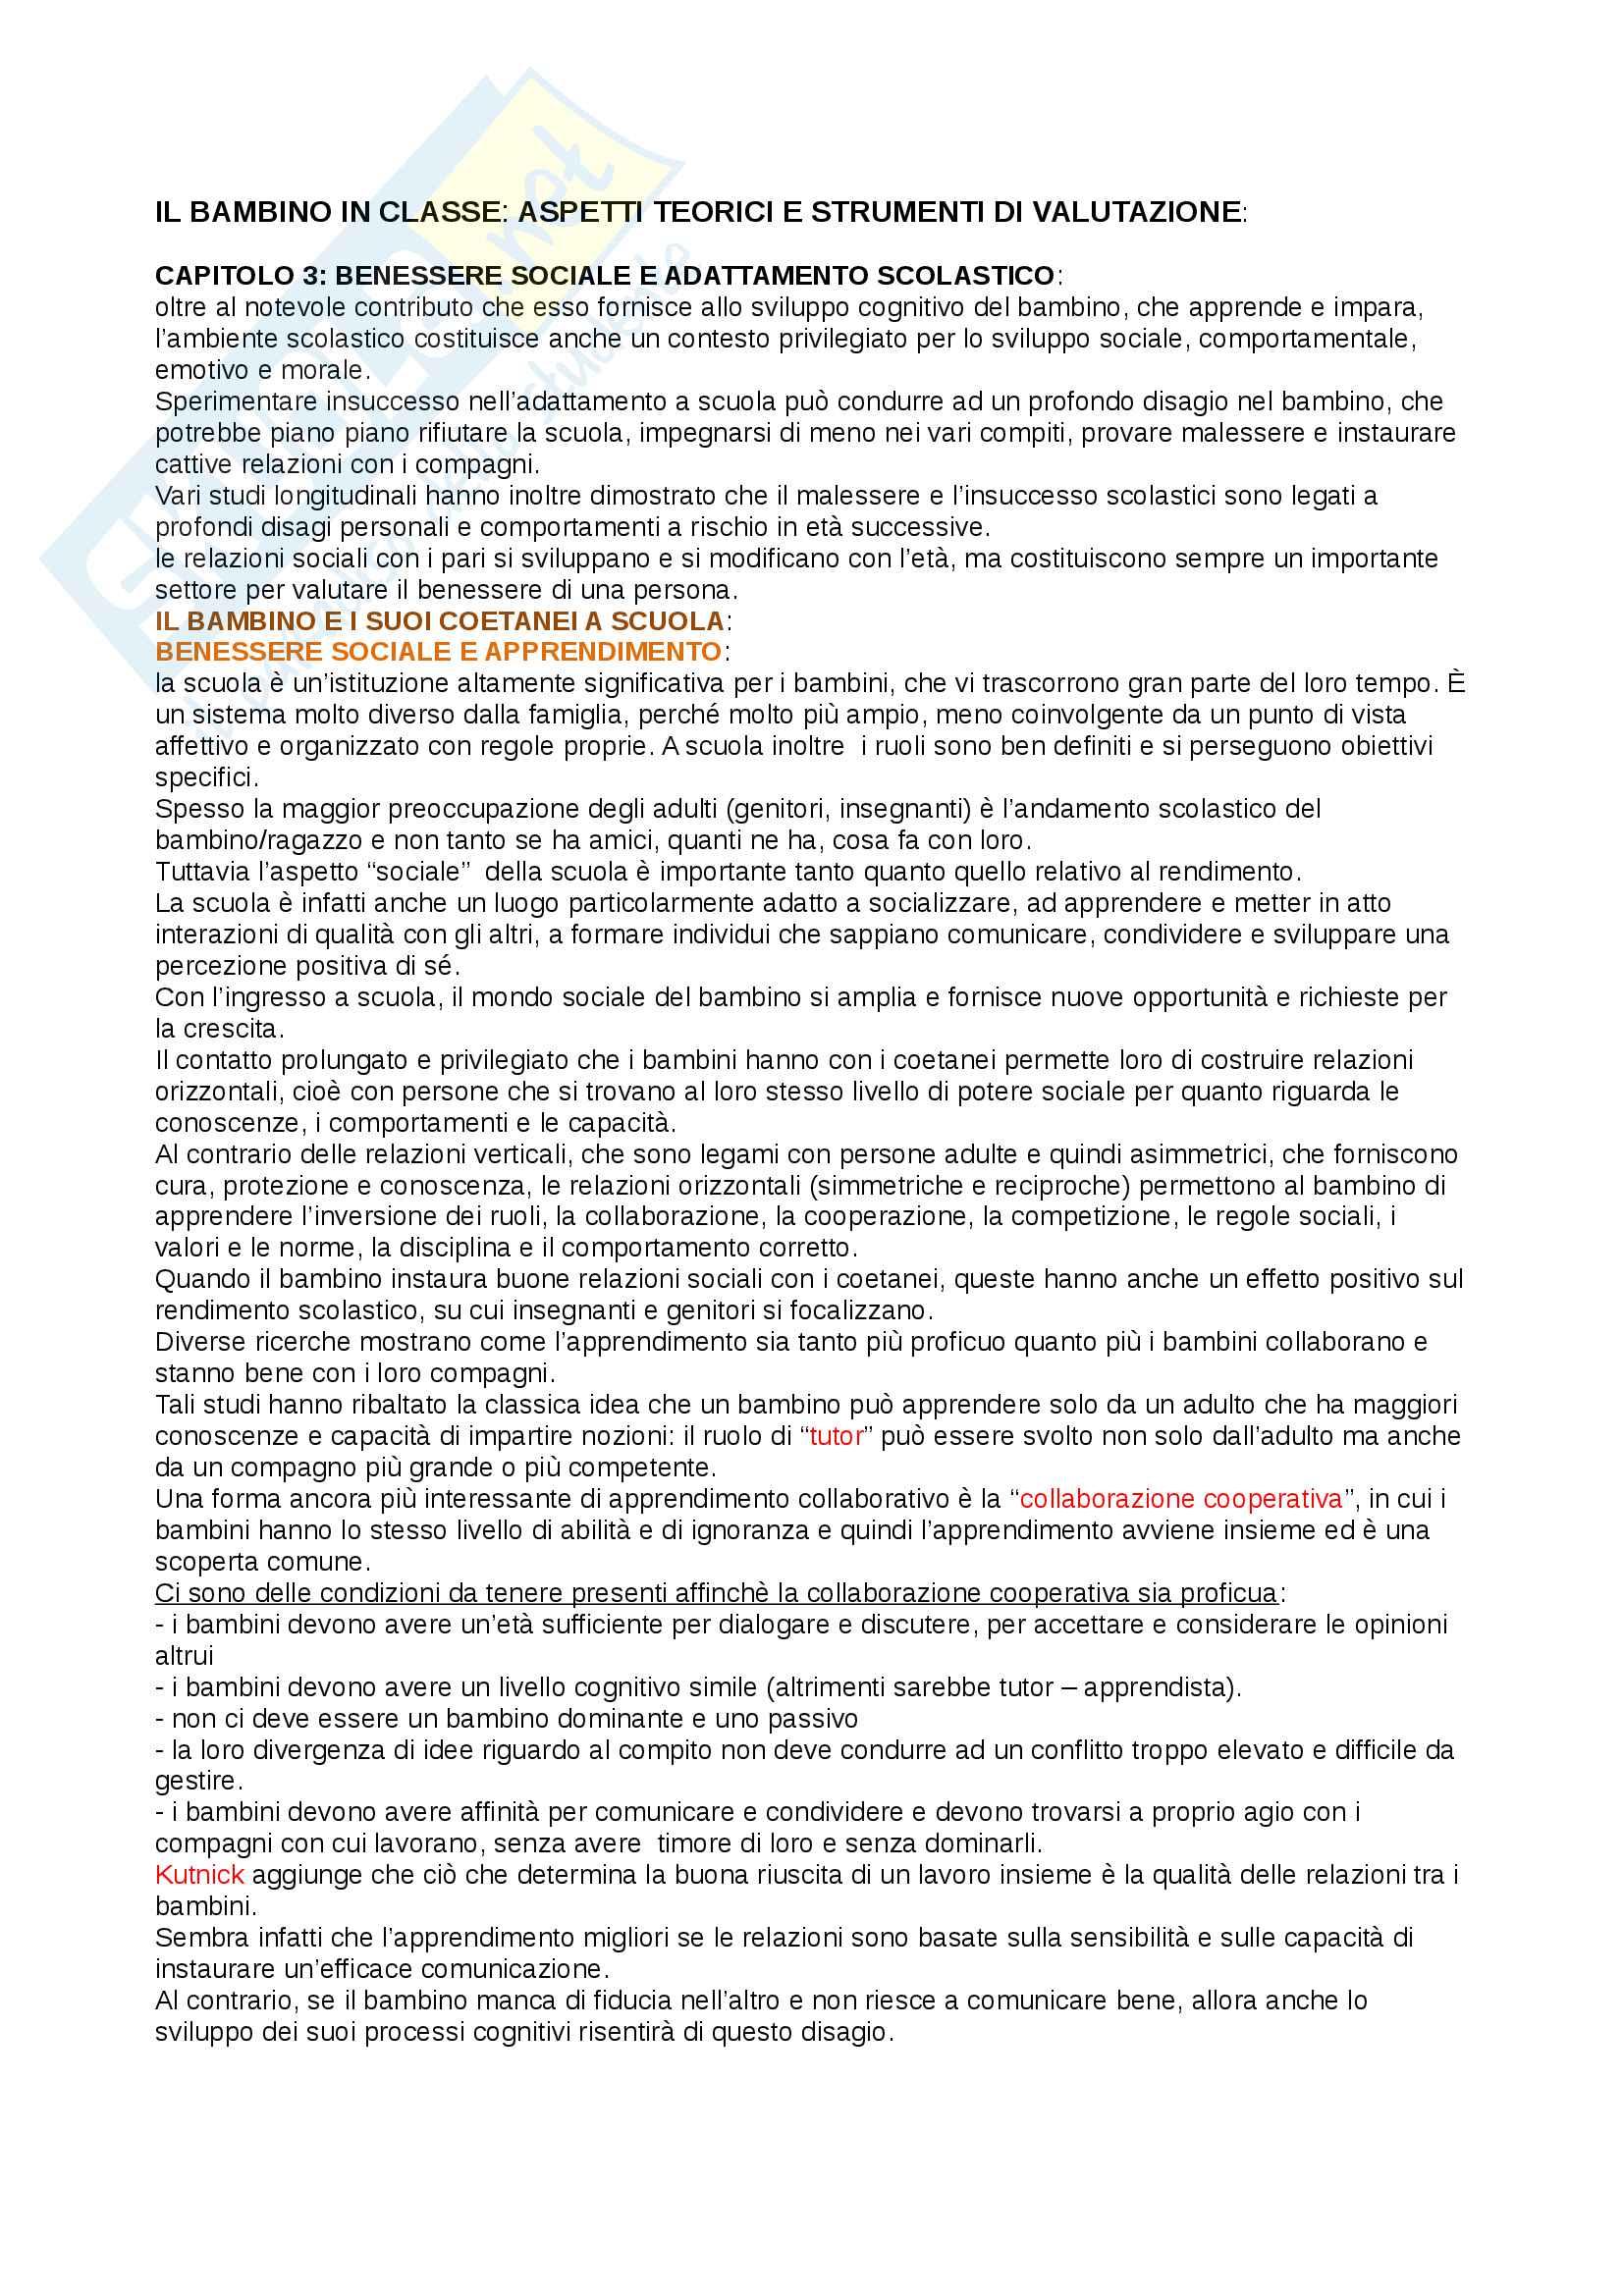 Sunto di psicologia dell'educazione e dei processi di apprendimento, prof. Camodeca, libro consigliato Il bambino in classe, Aureli, Bascelli, Camodeca, Di Sano